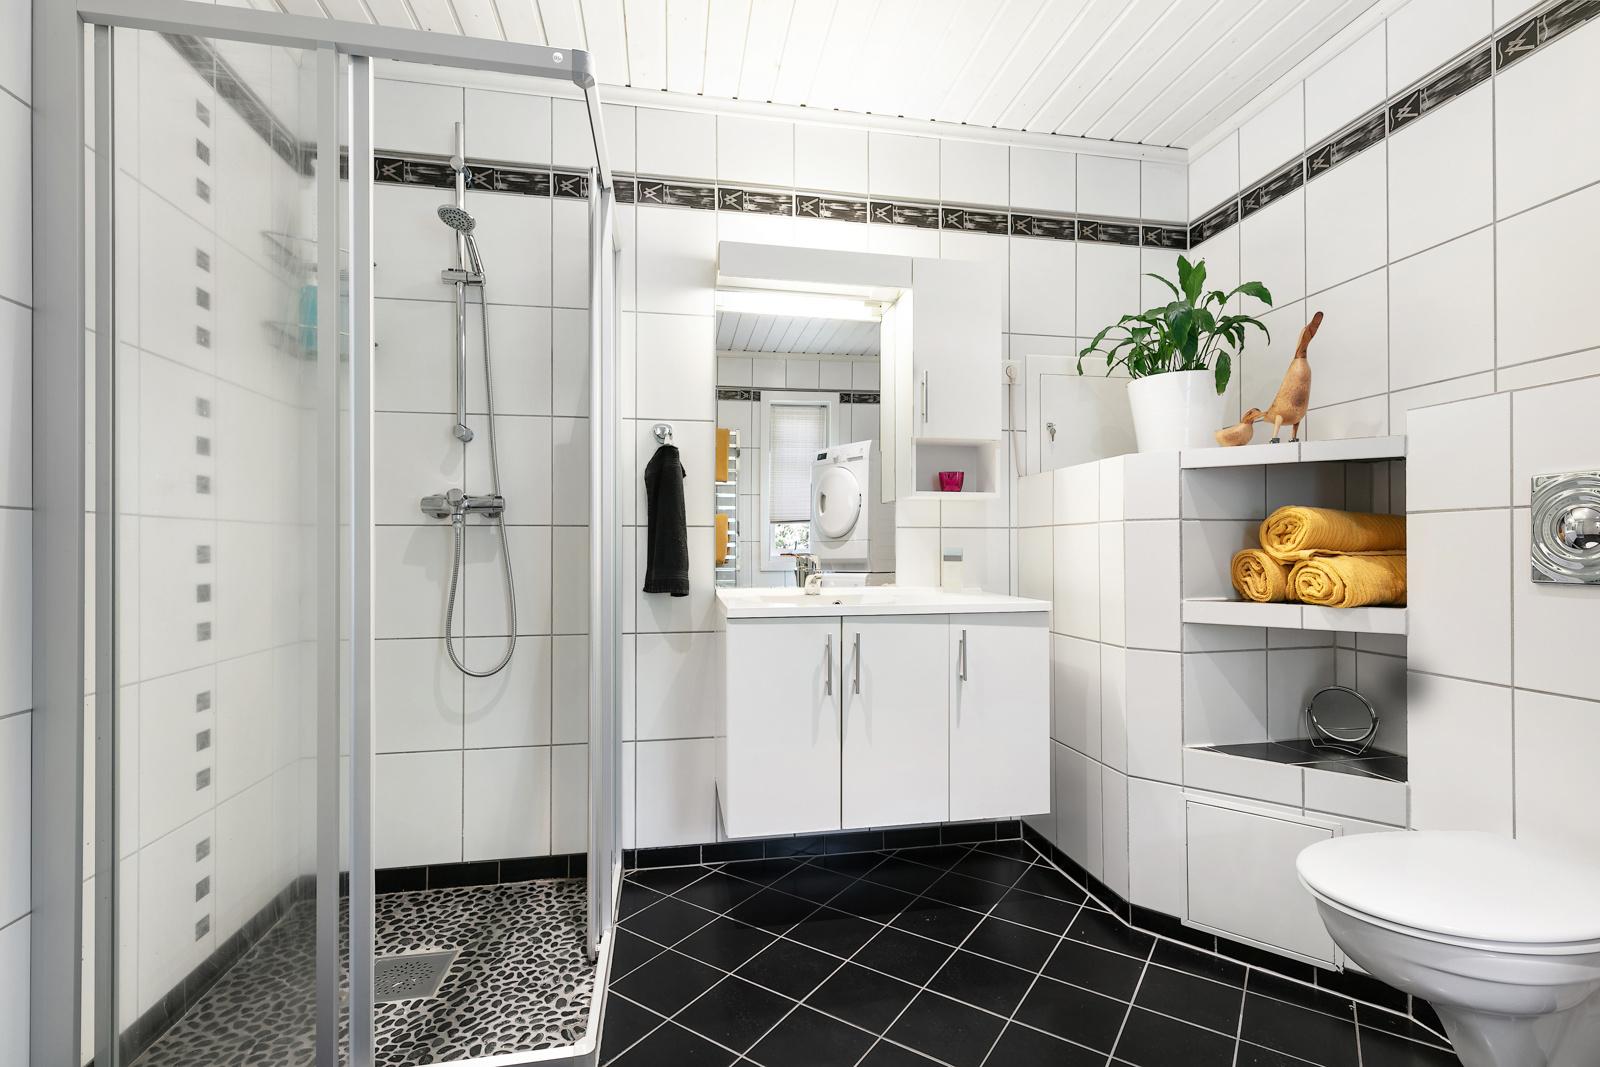 Baderommet er innredet med dusj, vegghengt toalett og servantinnredning- opplegg for vaskemaskin